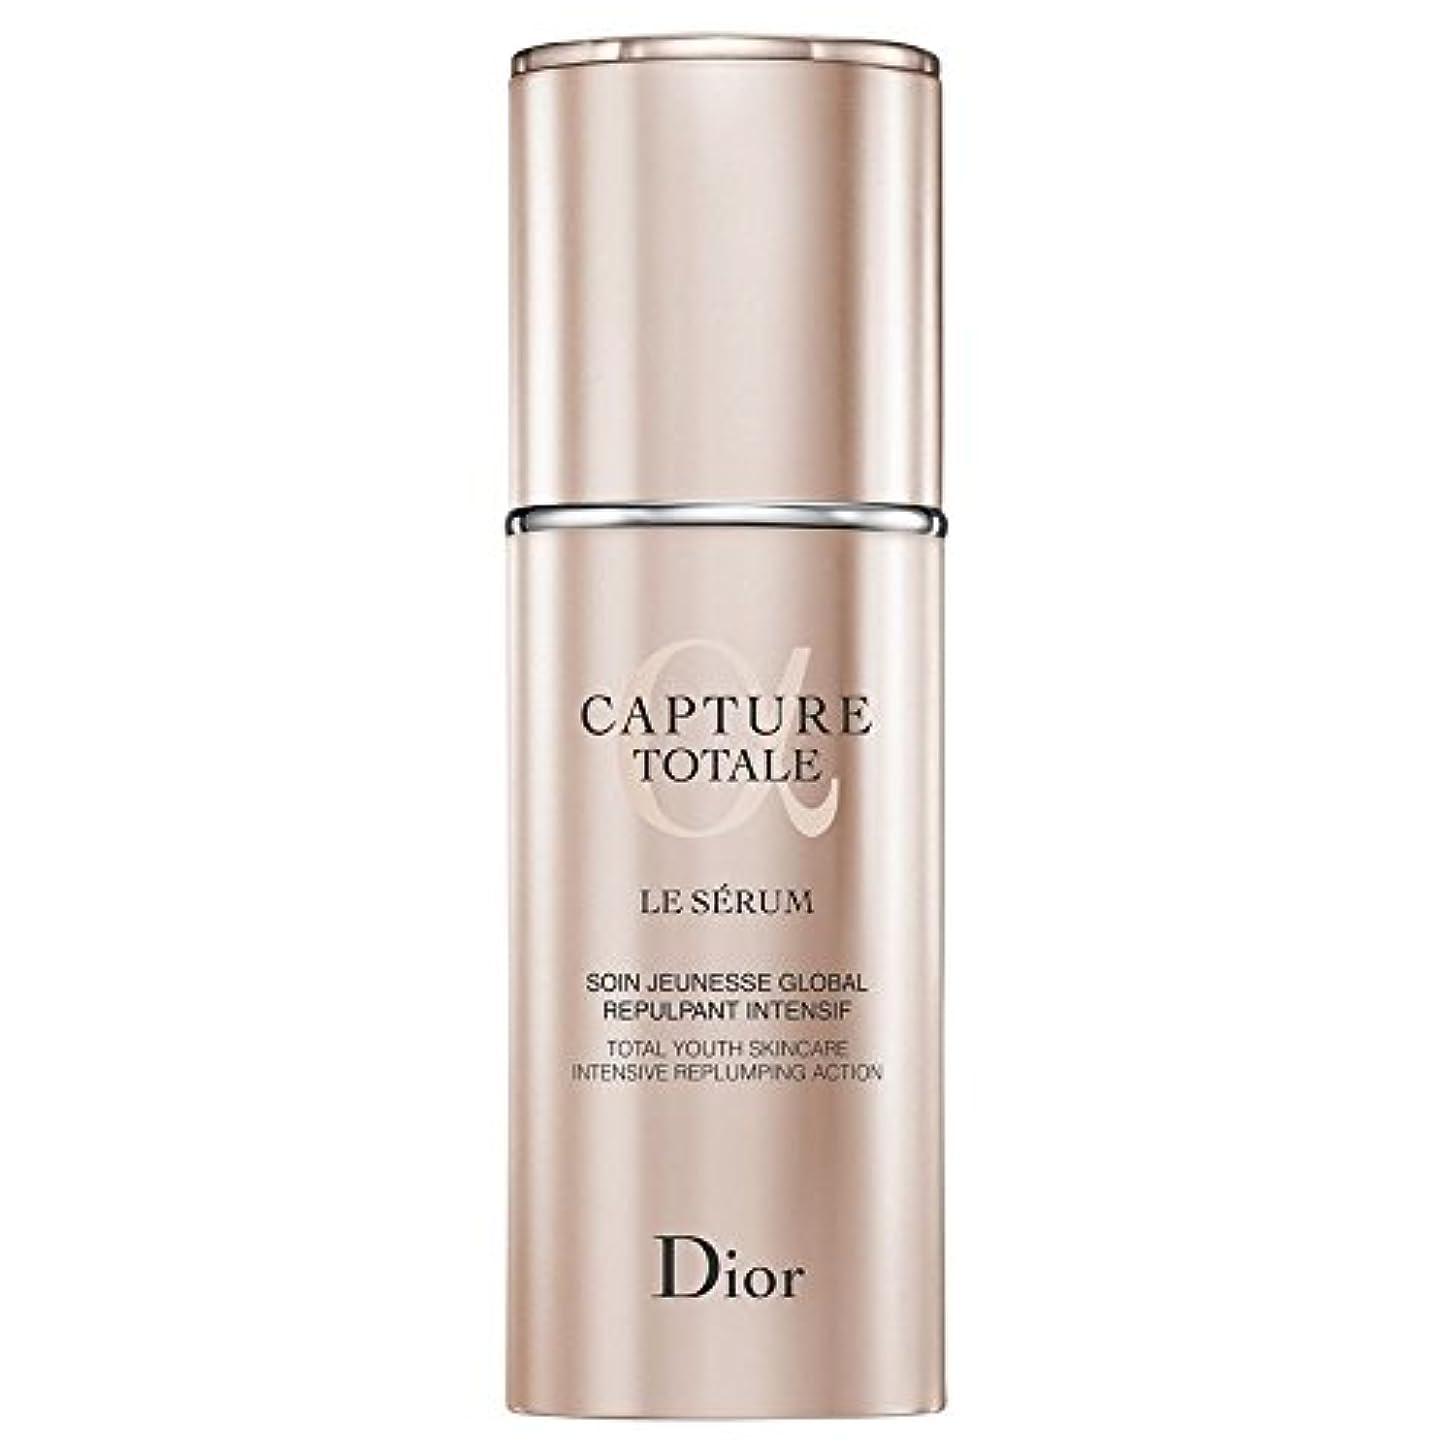 最初に弾薬繁雑[Dior] ディオールカプチュールR60ル血清30ミリリットル - Dior Capture Totale Le Serum 30ml [並行輸入品]